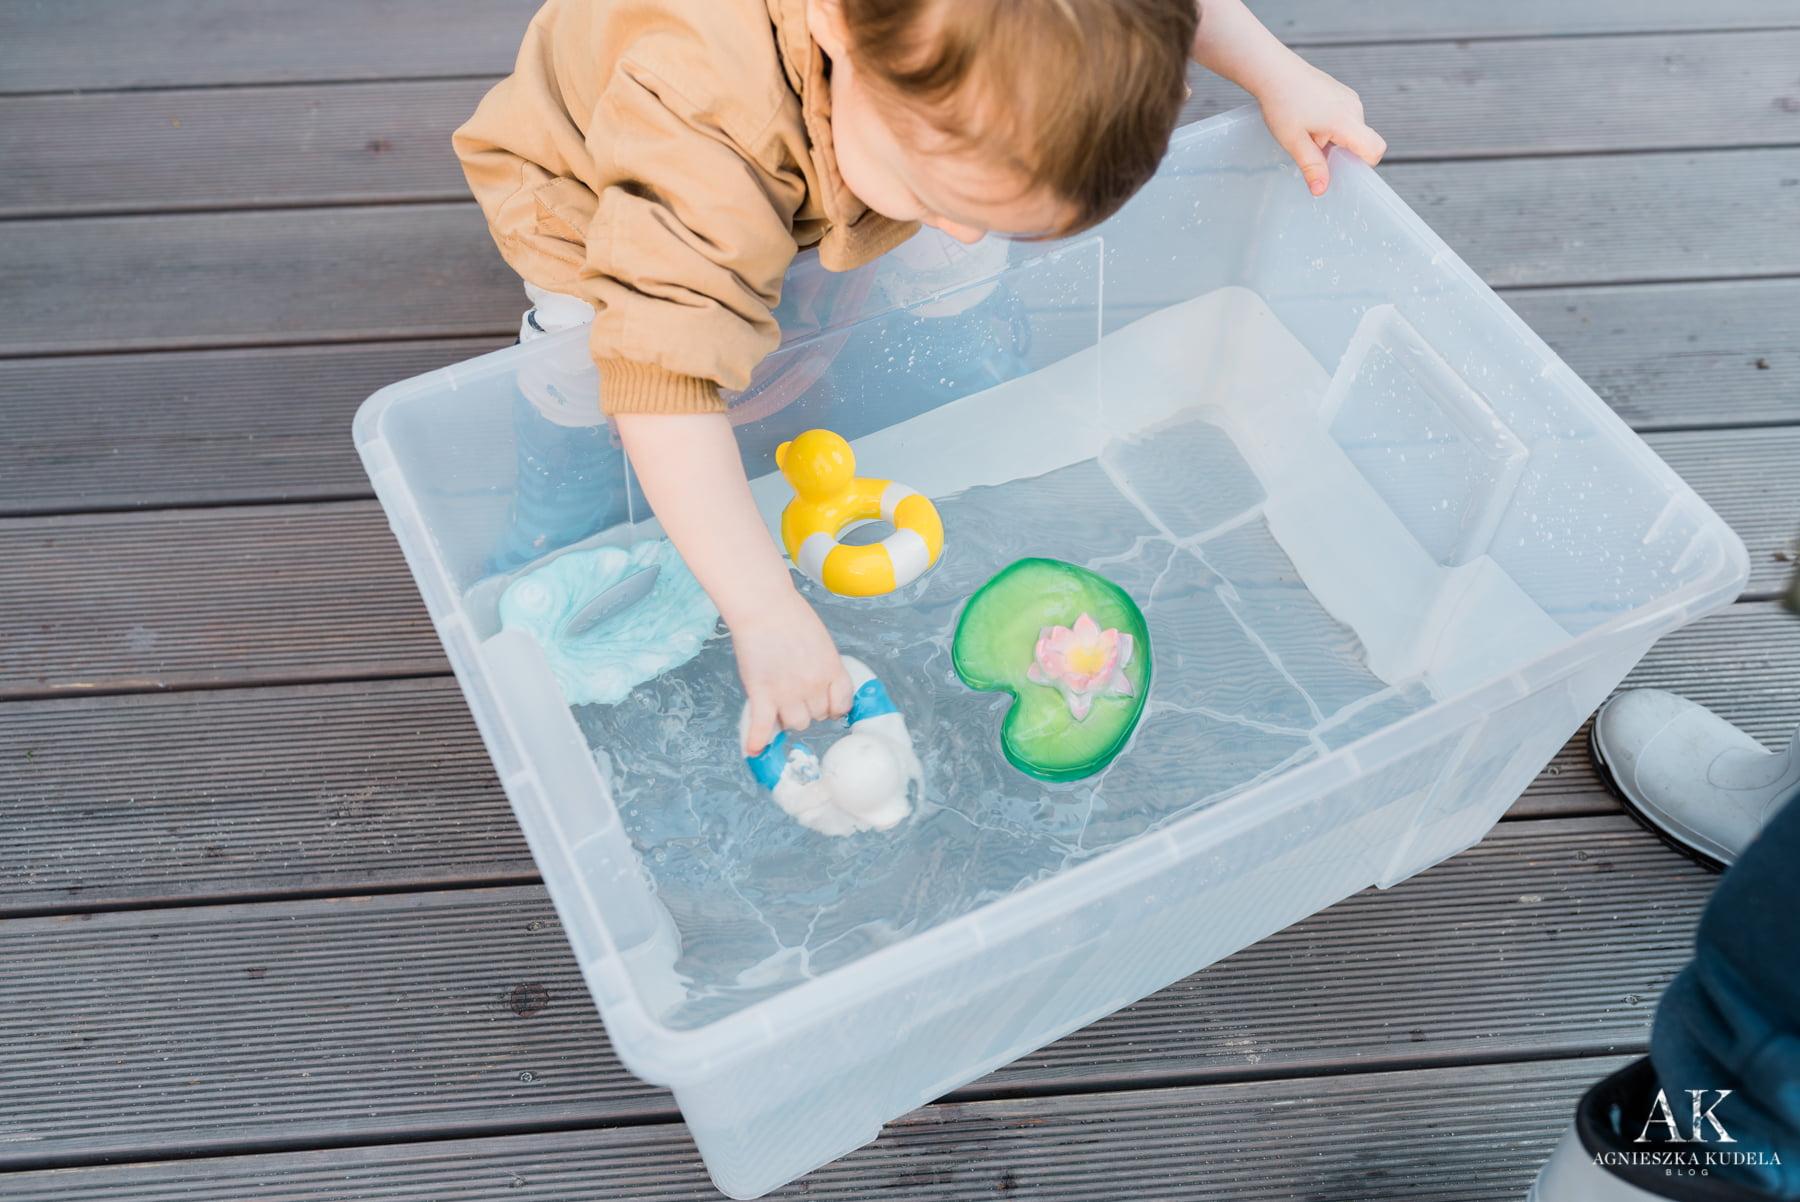 zabawki dla trzylatka do kąpieli